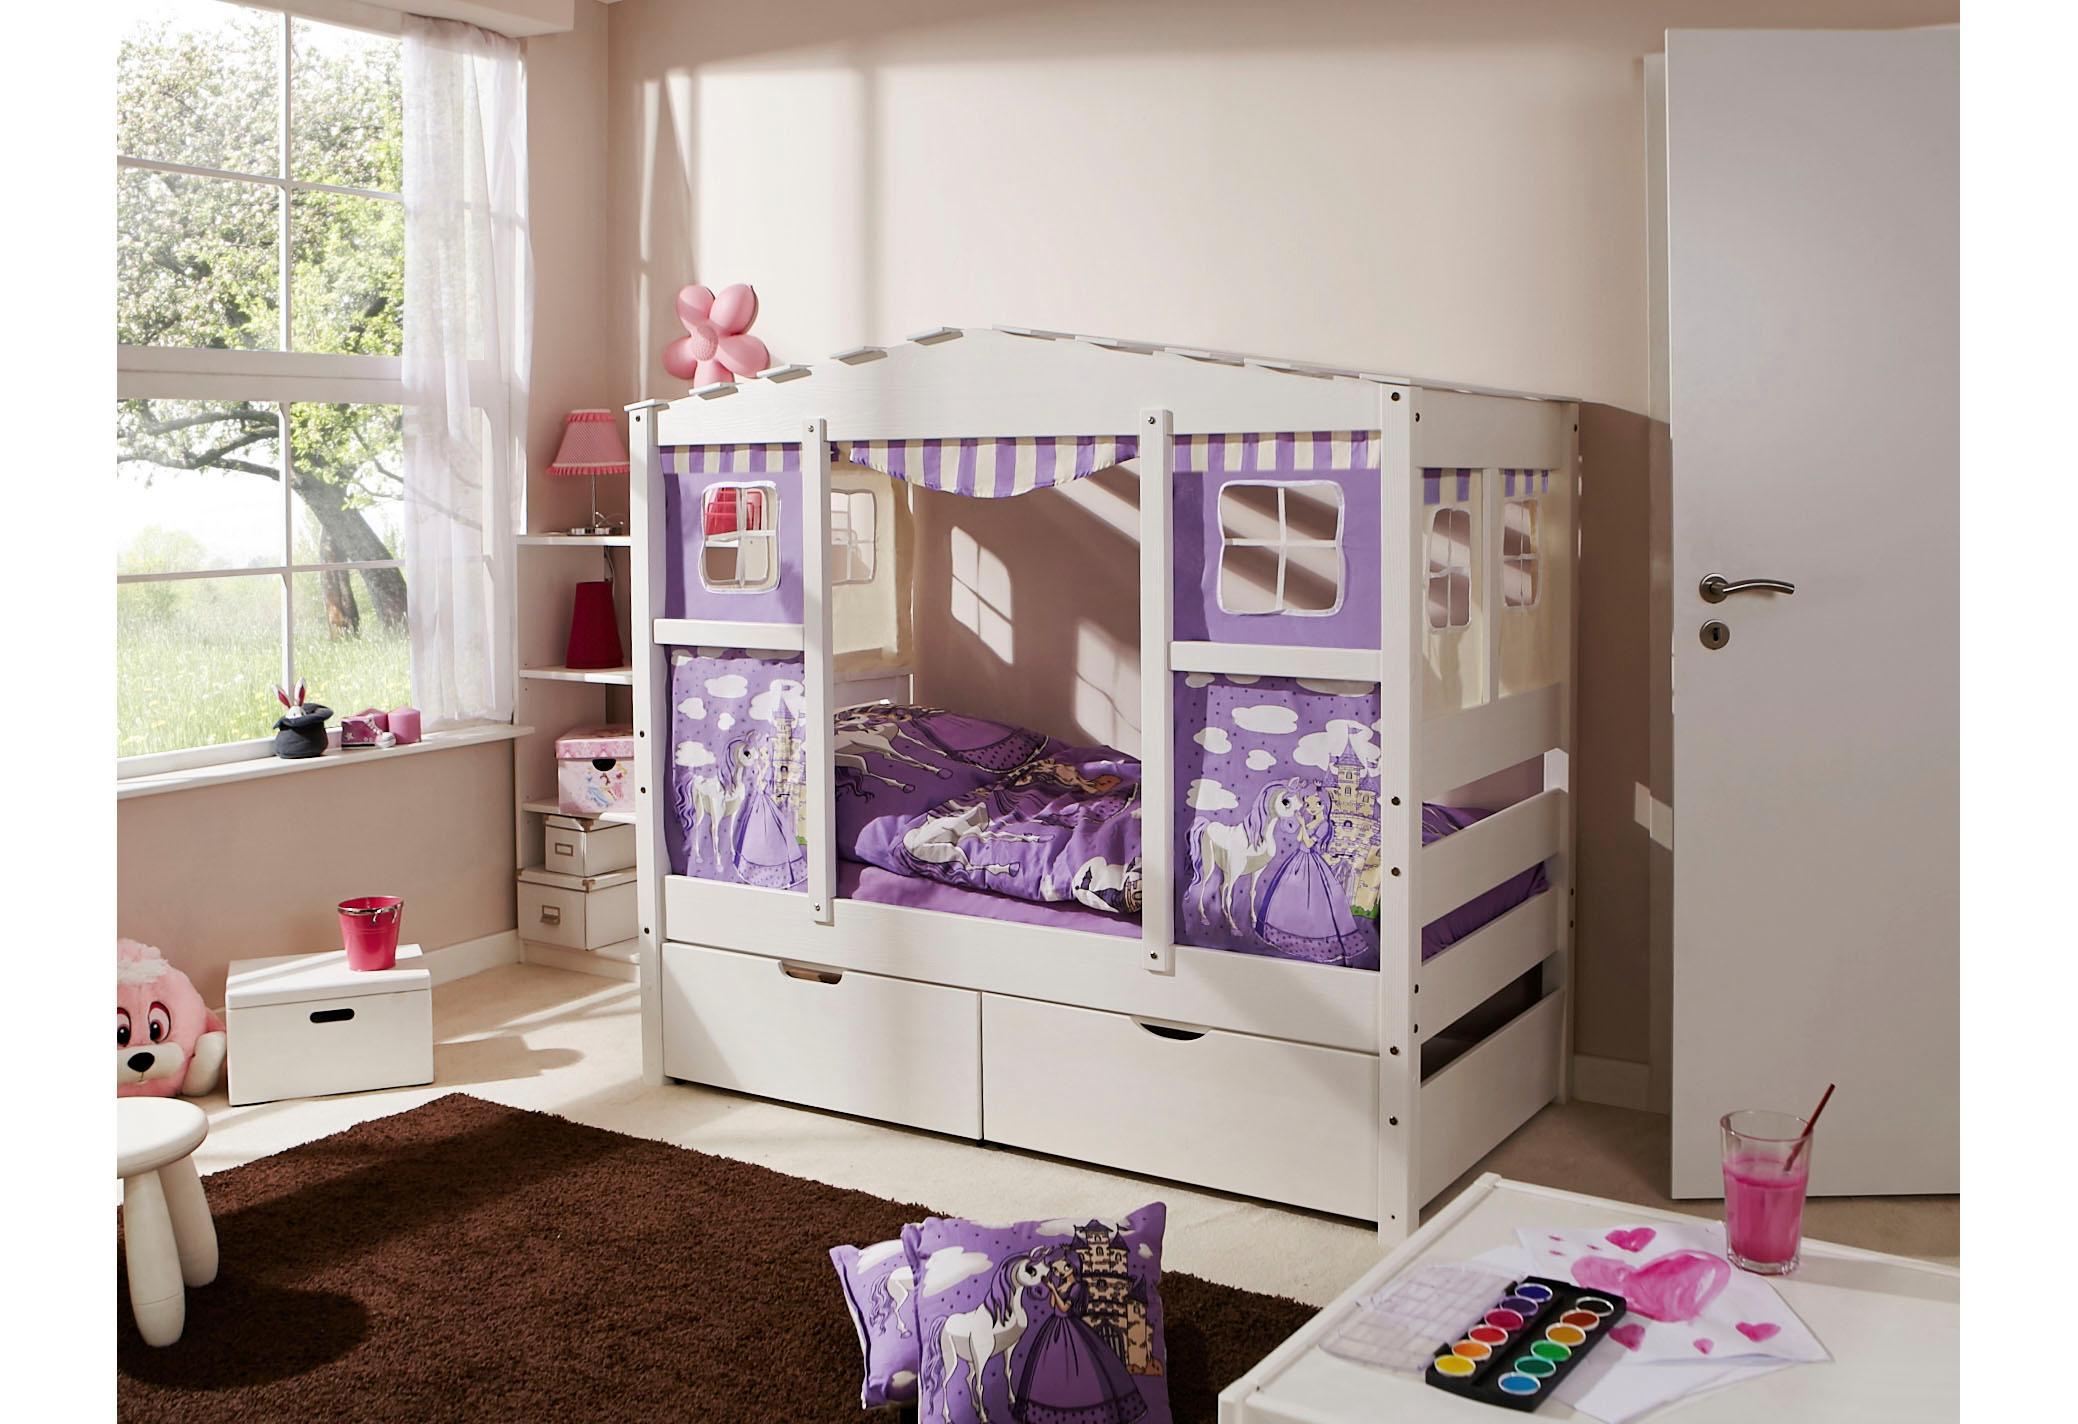 Ticaa Hausbett Lio Wohnen/Möbel/Kindermöbel/Kindermöbel/Kinderbetten/Kinderbetten mit Bettkasten